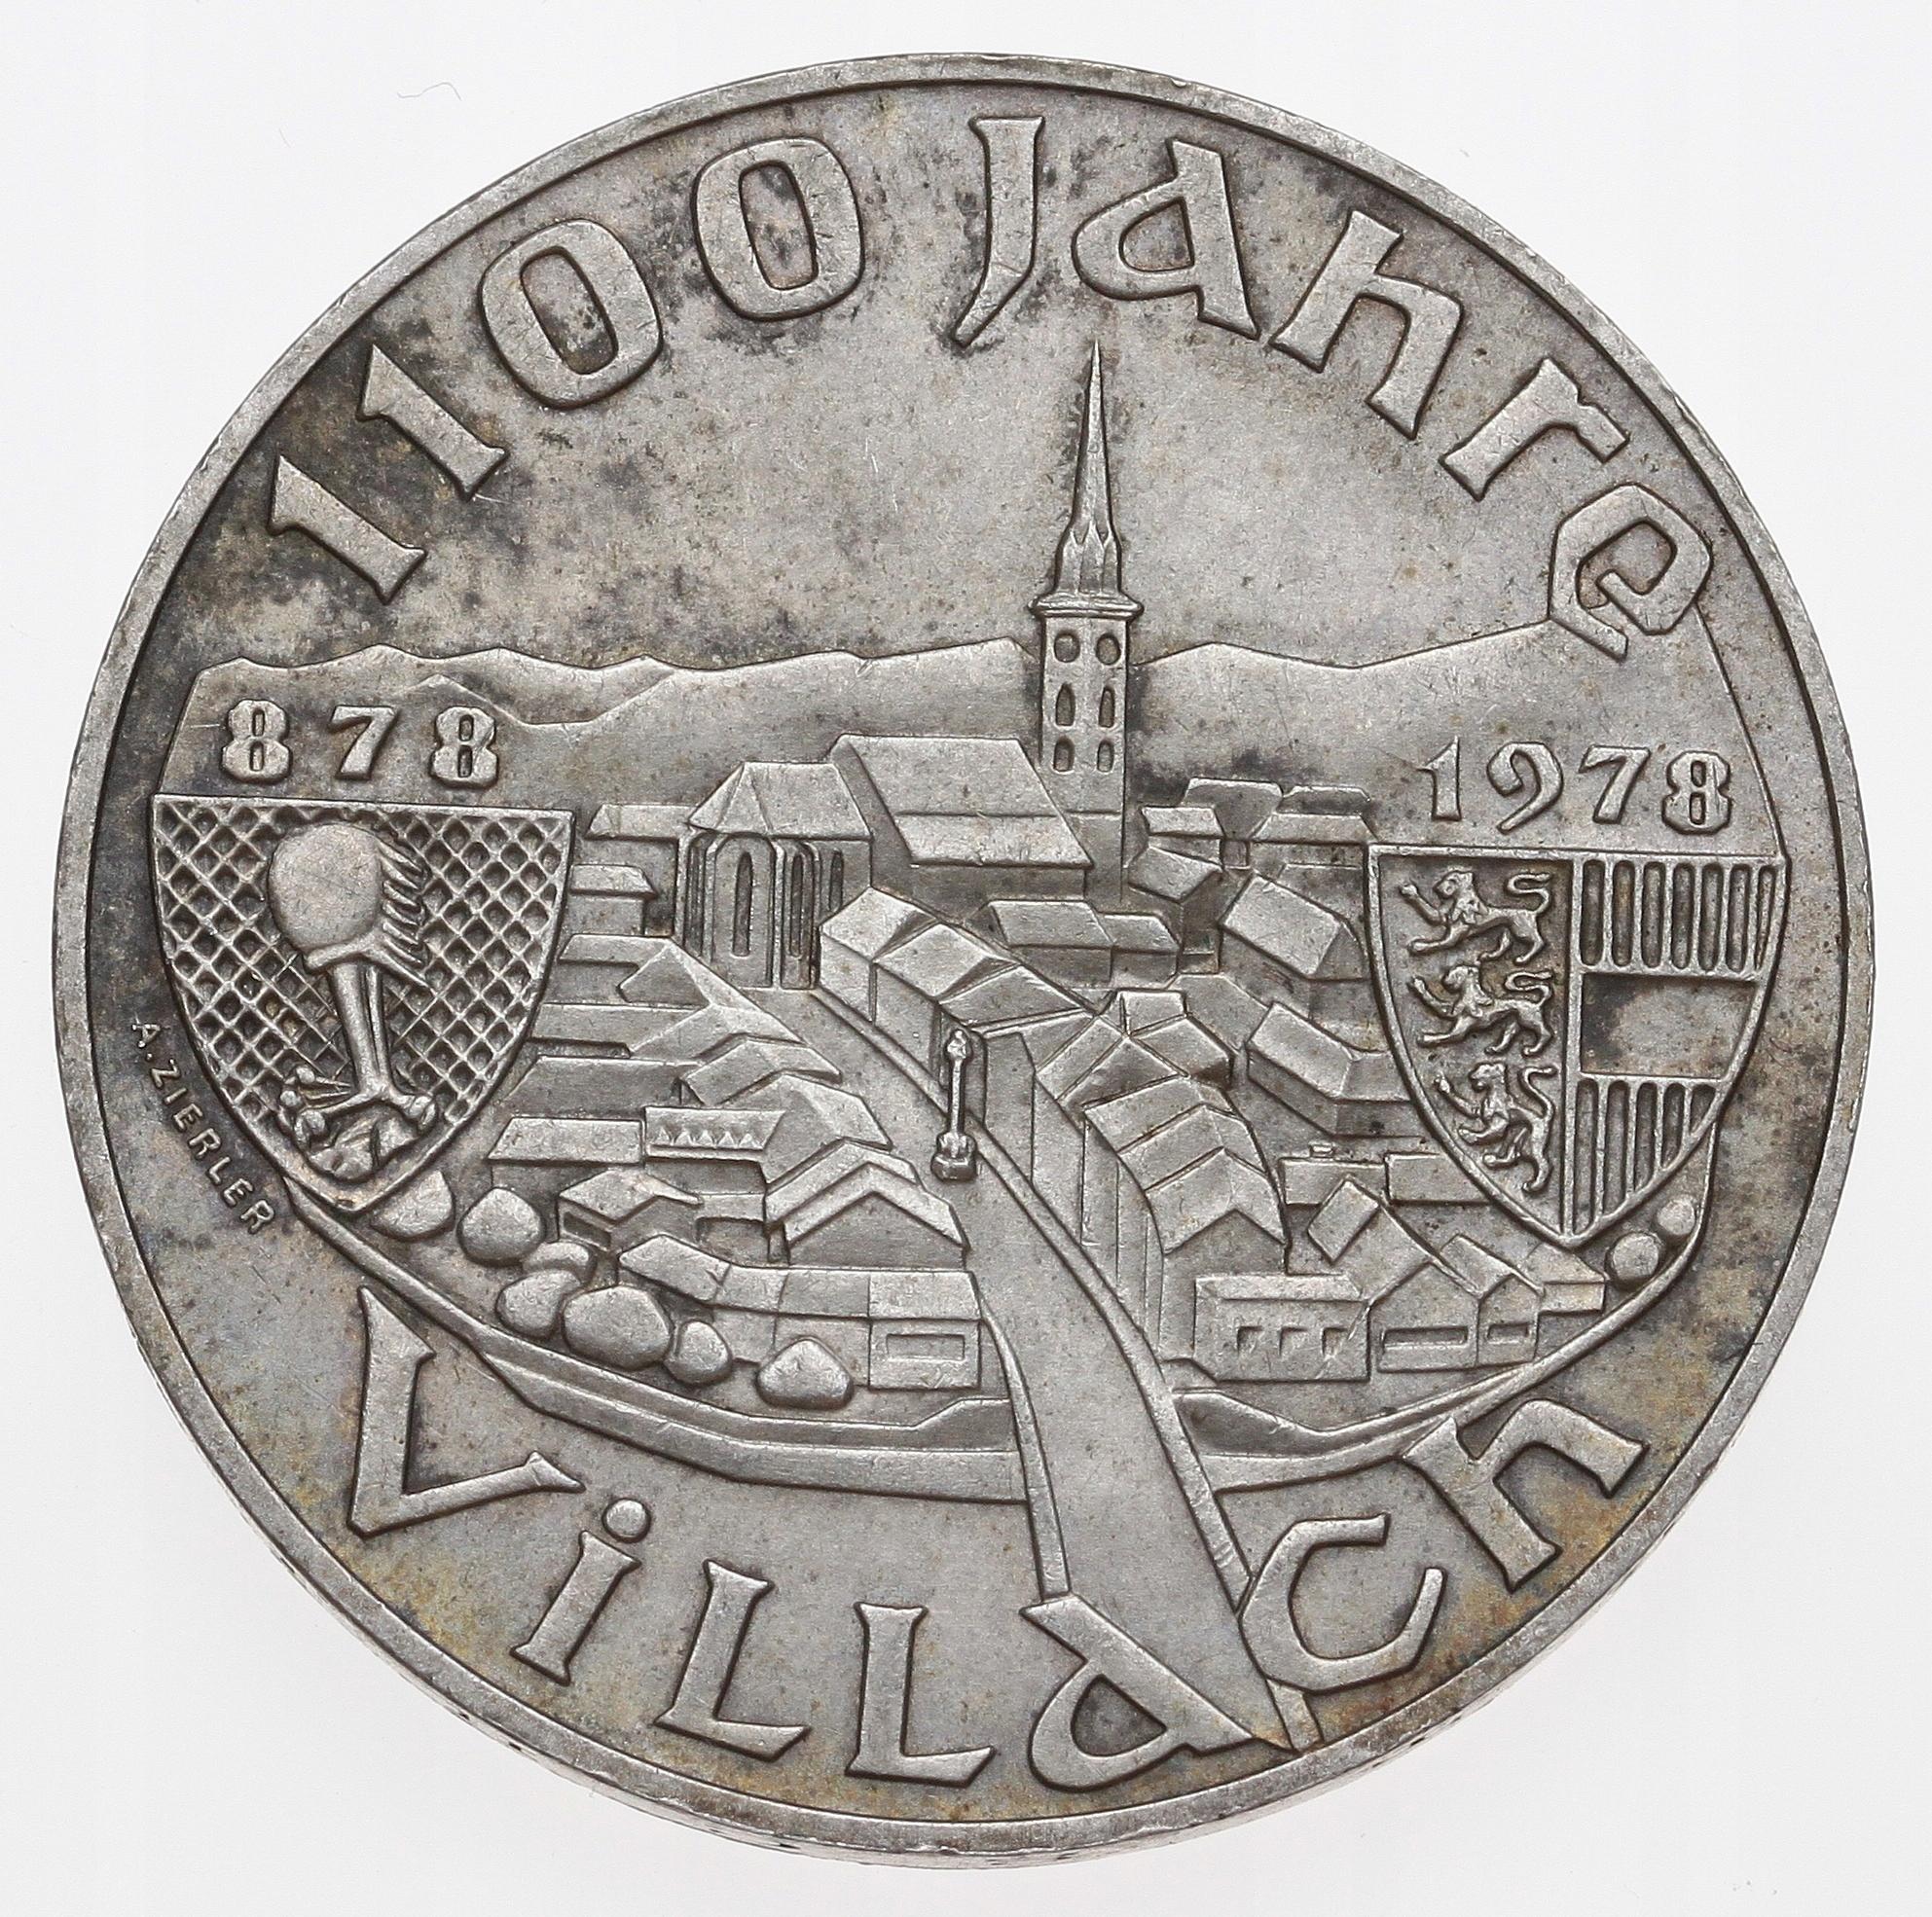 Austria 100 szylingów 1978 srebro